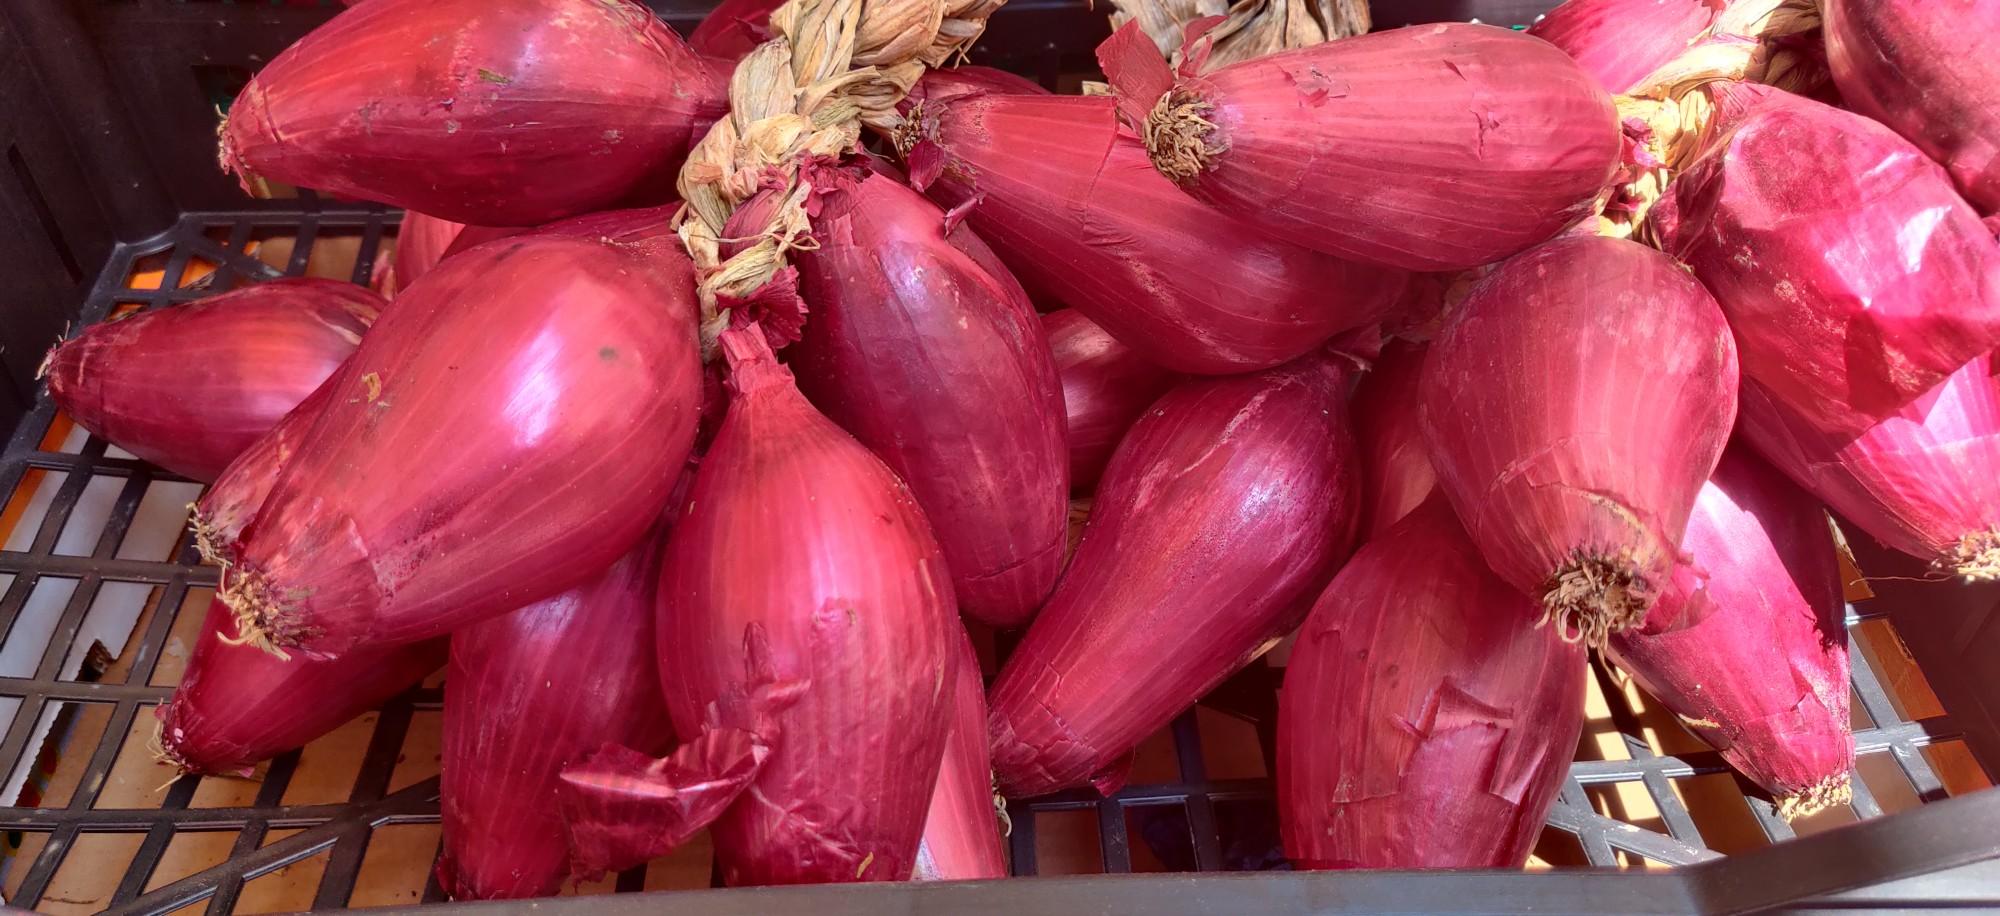 Это знаменитый красный лук из Трапани. Уже собрали новый урожай